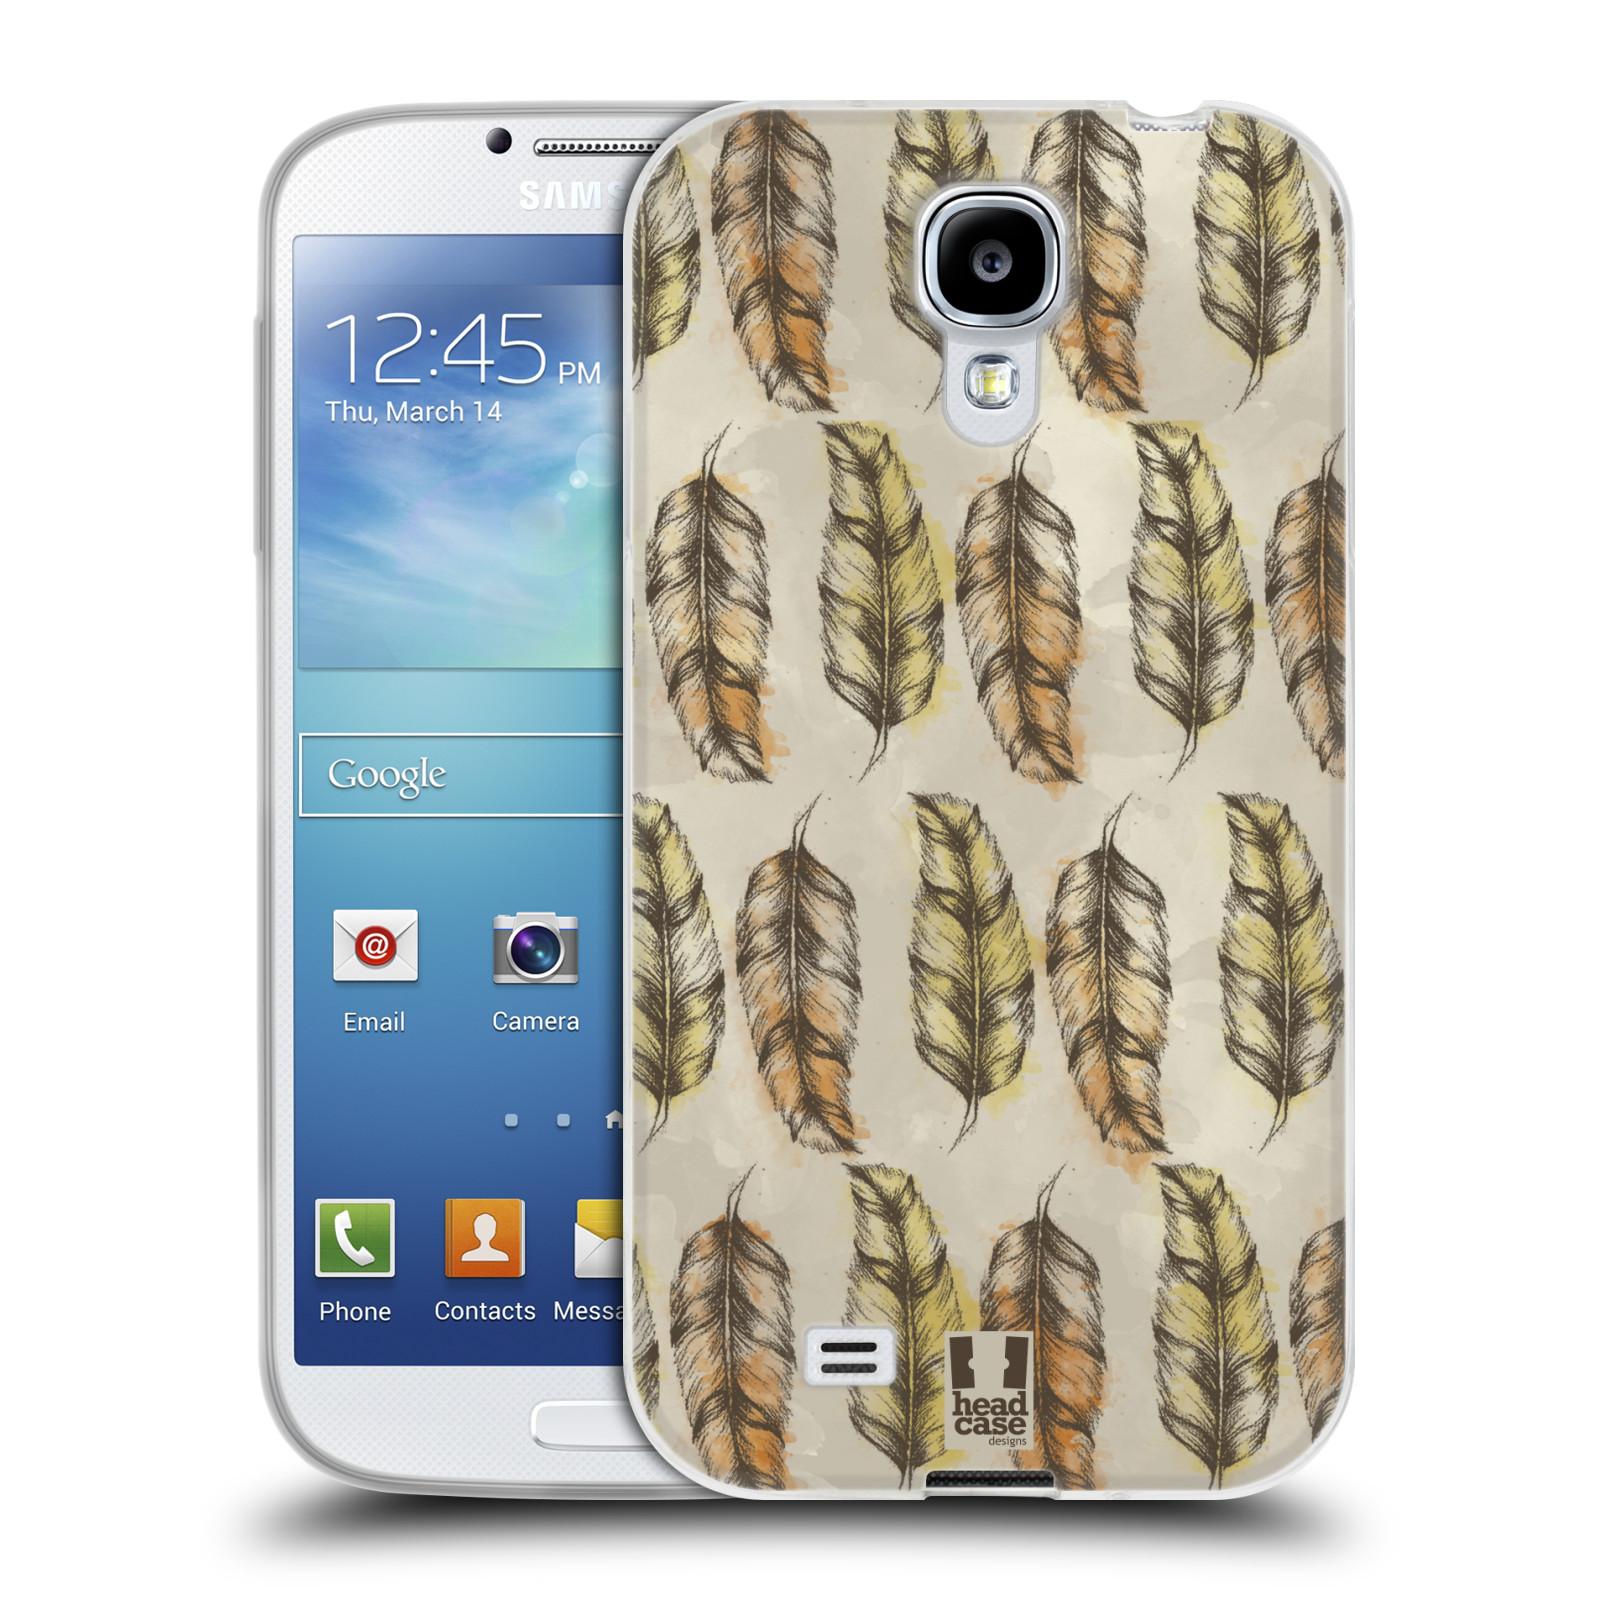 Silikonové pouzdro na mobil Samsung Galaxy S4 - Head Case - Bohémská pírka (Silikonový kryt či obal na mobilní telefon s motivem Bohemian Soul pro Samsung Galaxy S4 GT-i9505 / i9500)